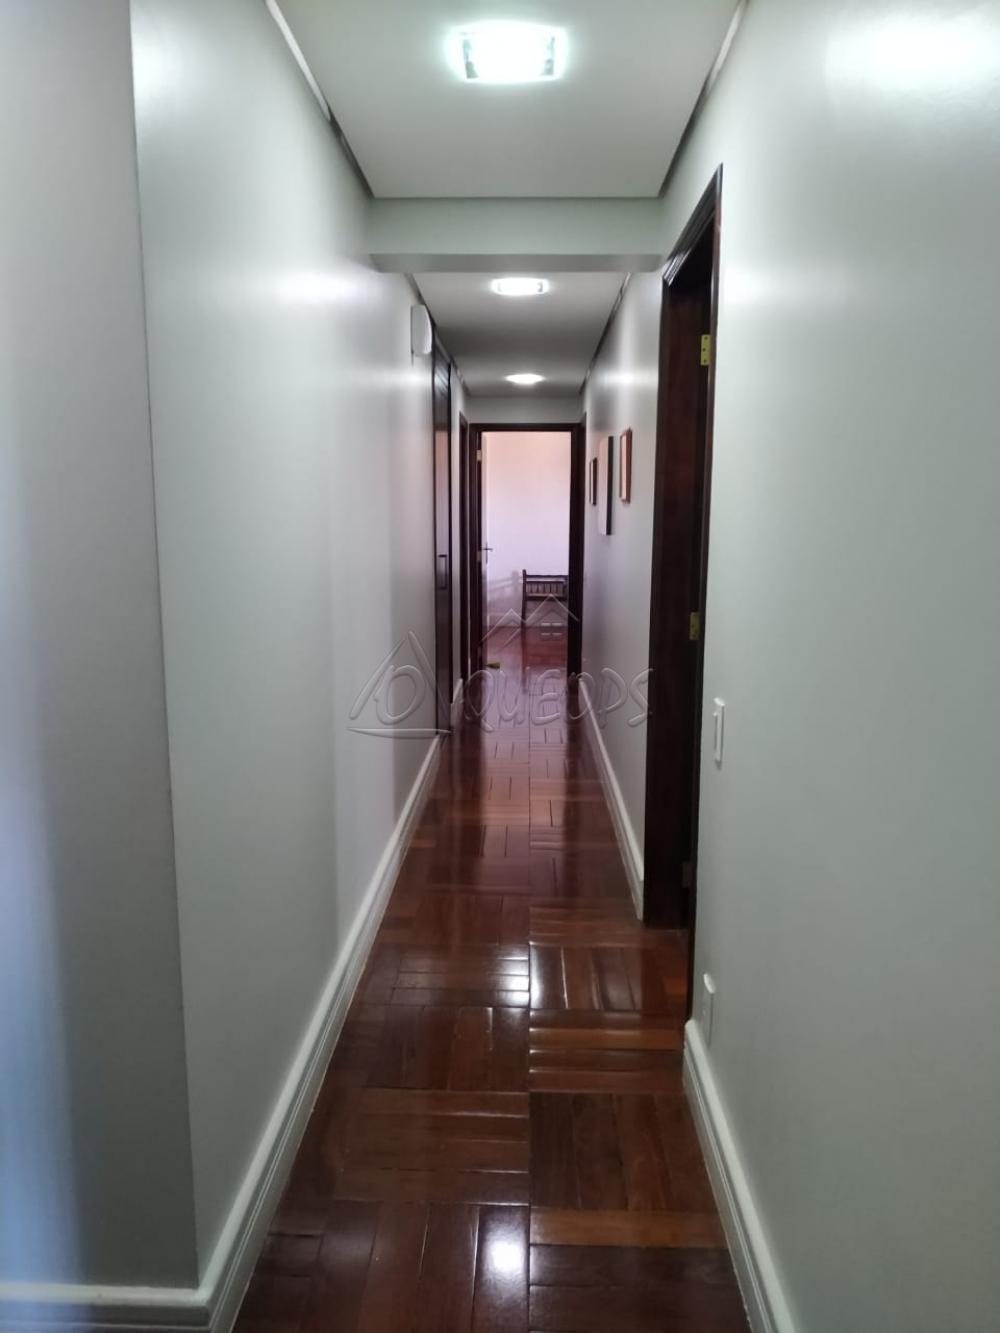 Comprar Apartamento / Padrão em Barretos apenas R$ 1.200.000,00 - Foto 11